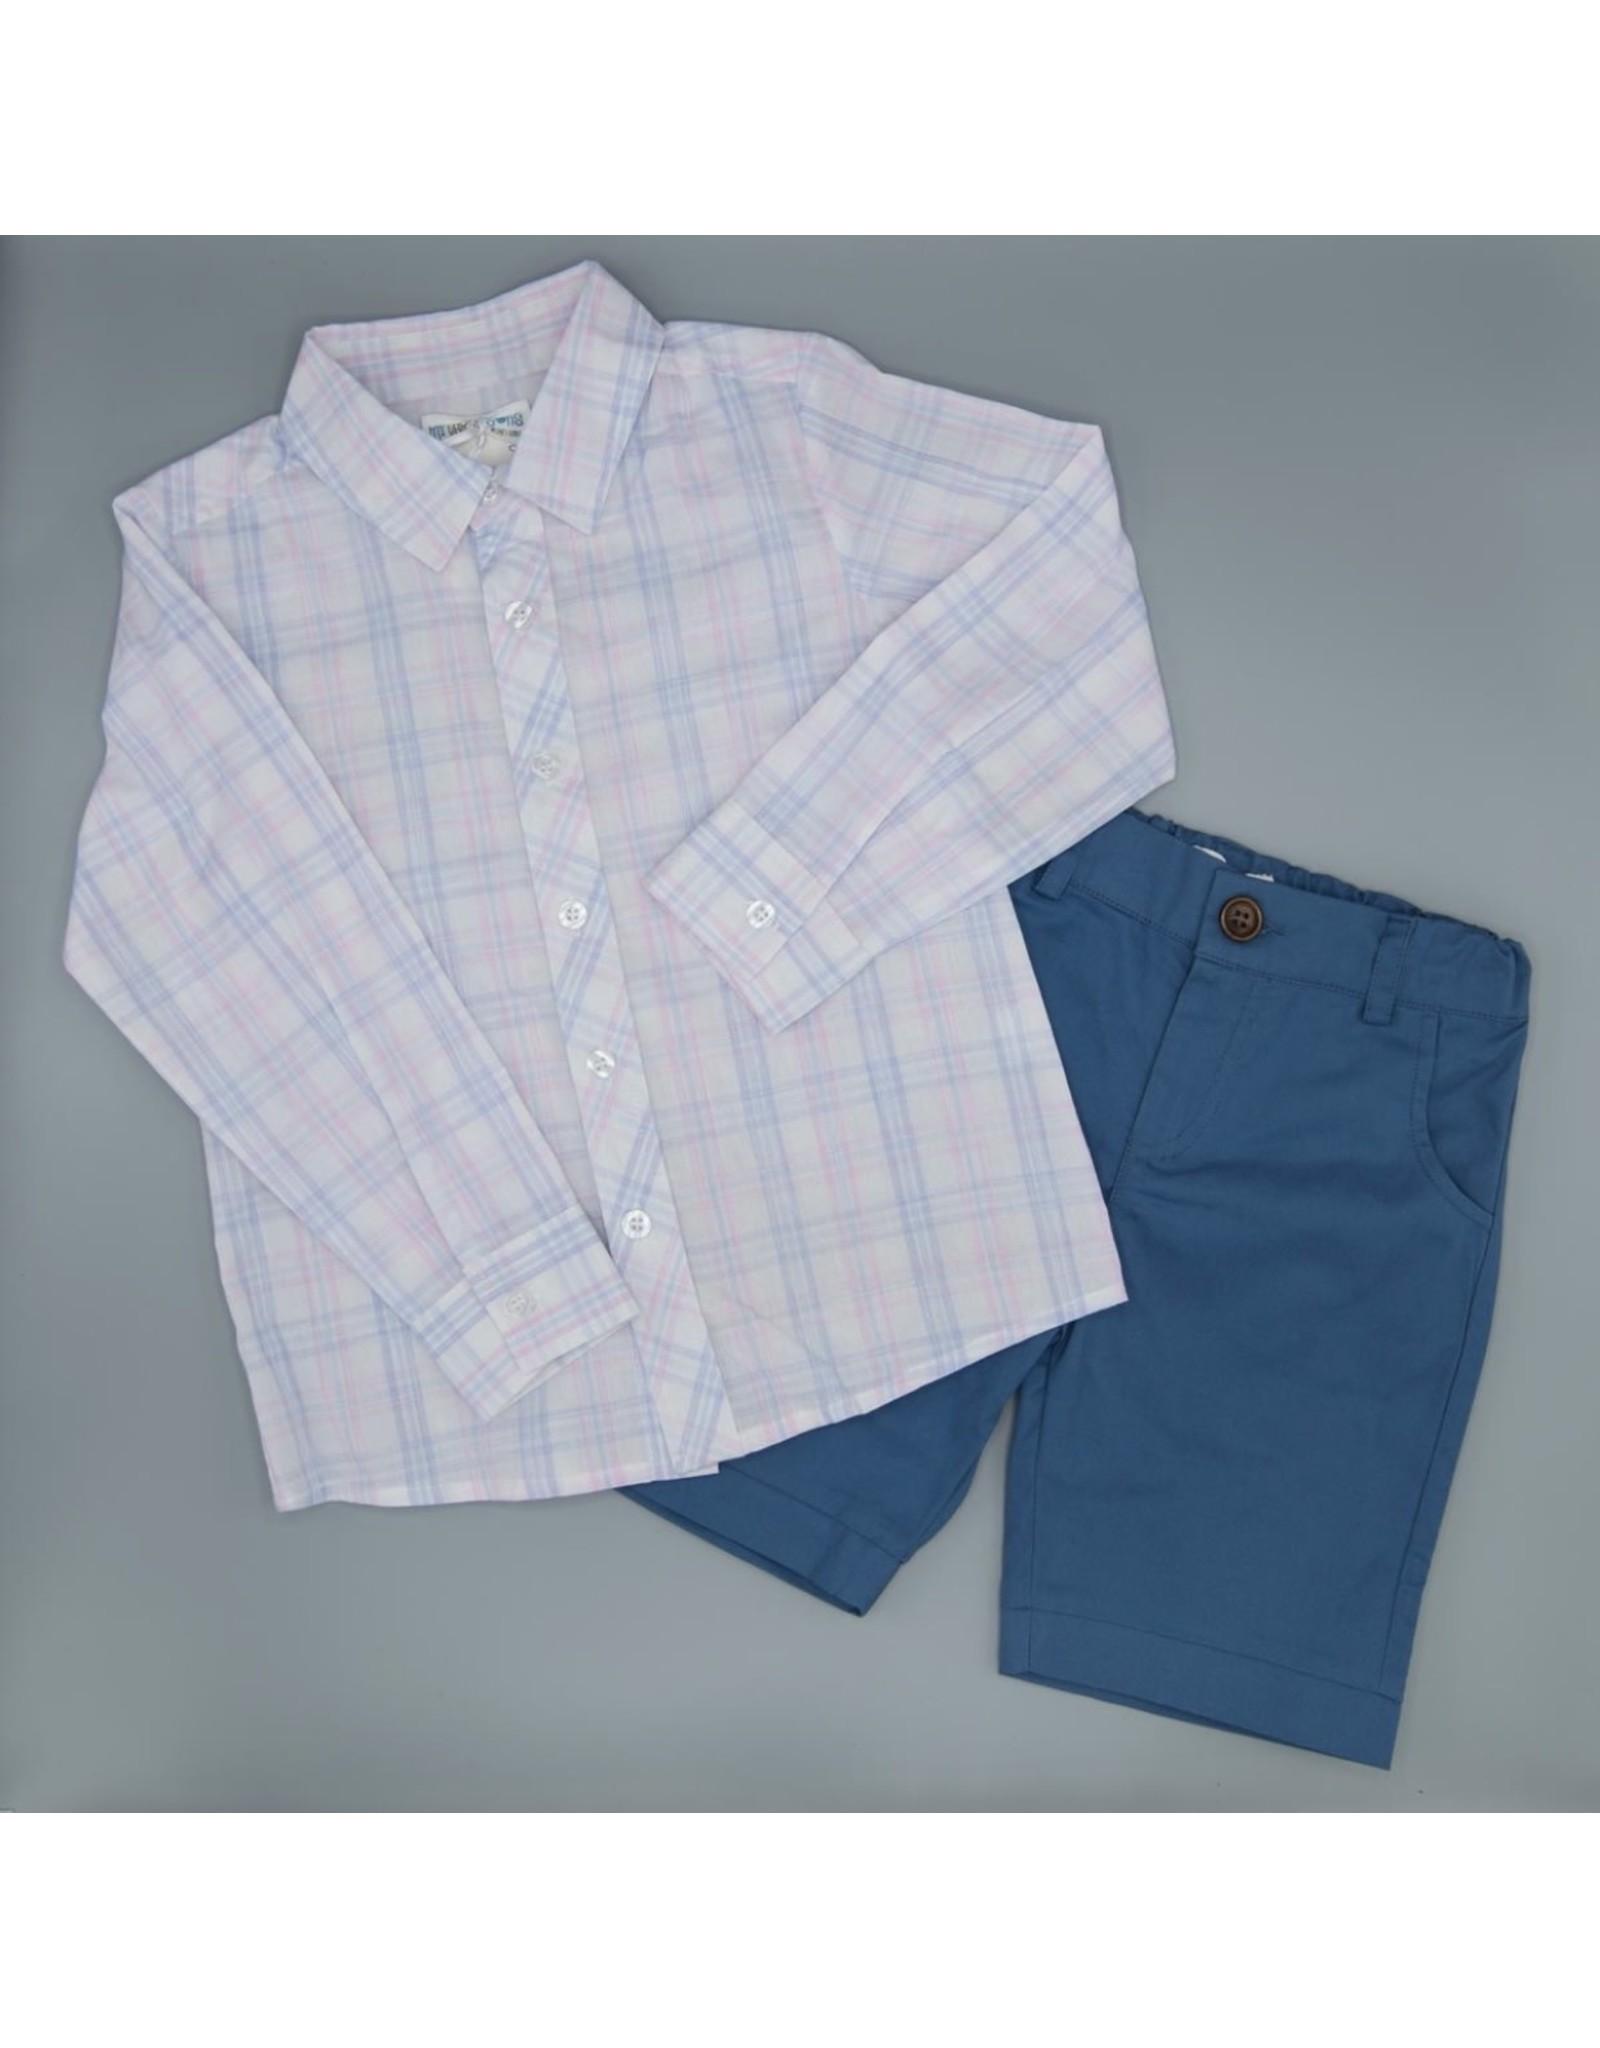 Evie's Closet- Boys Pink/Blue Shirt